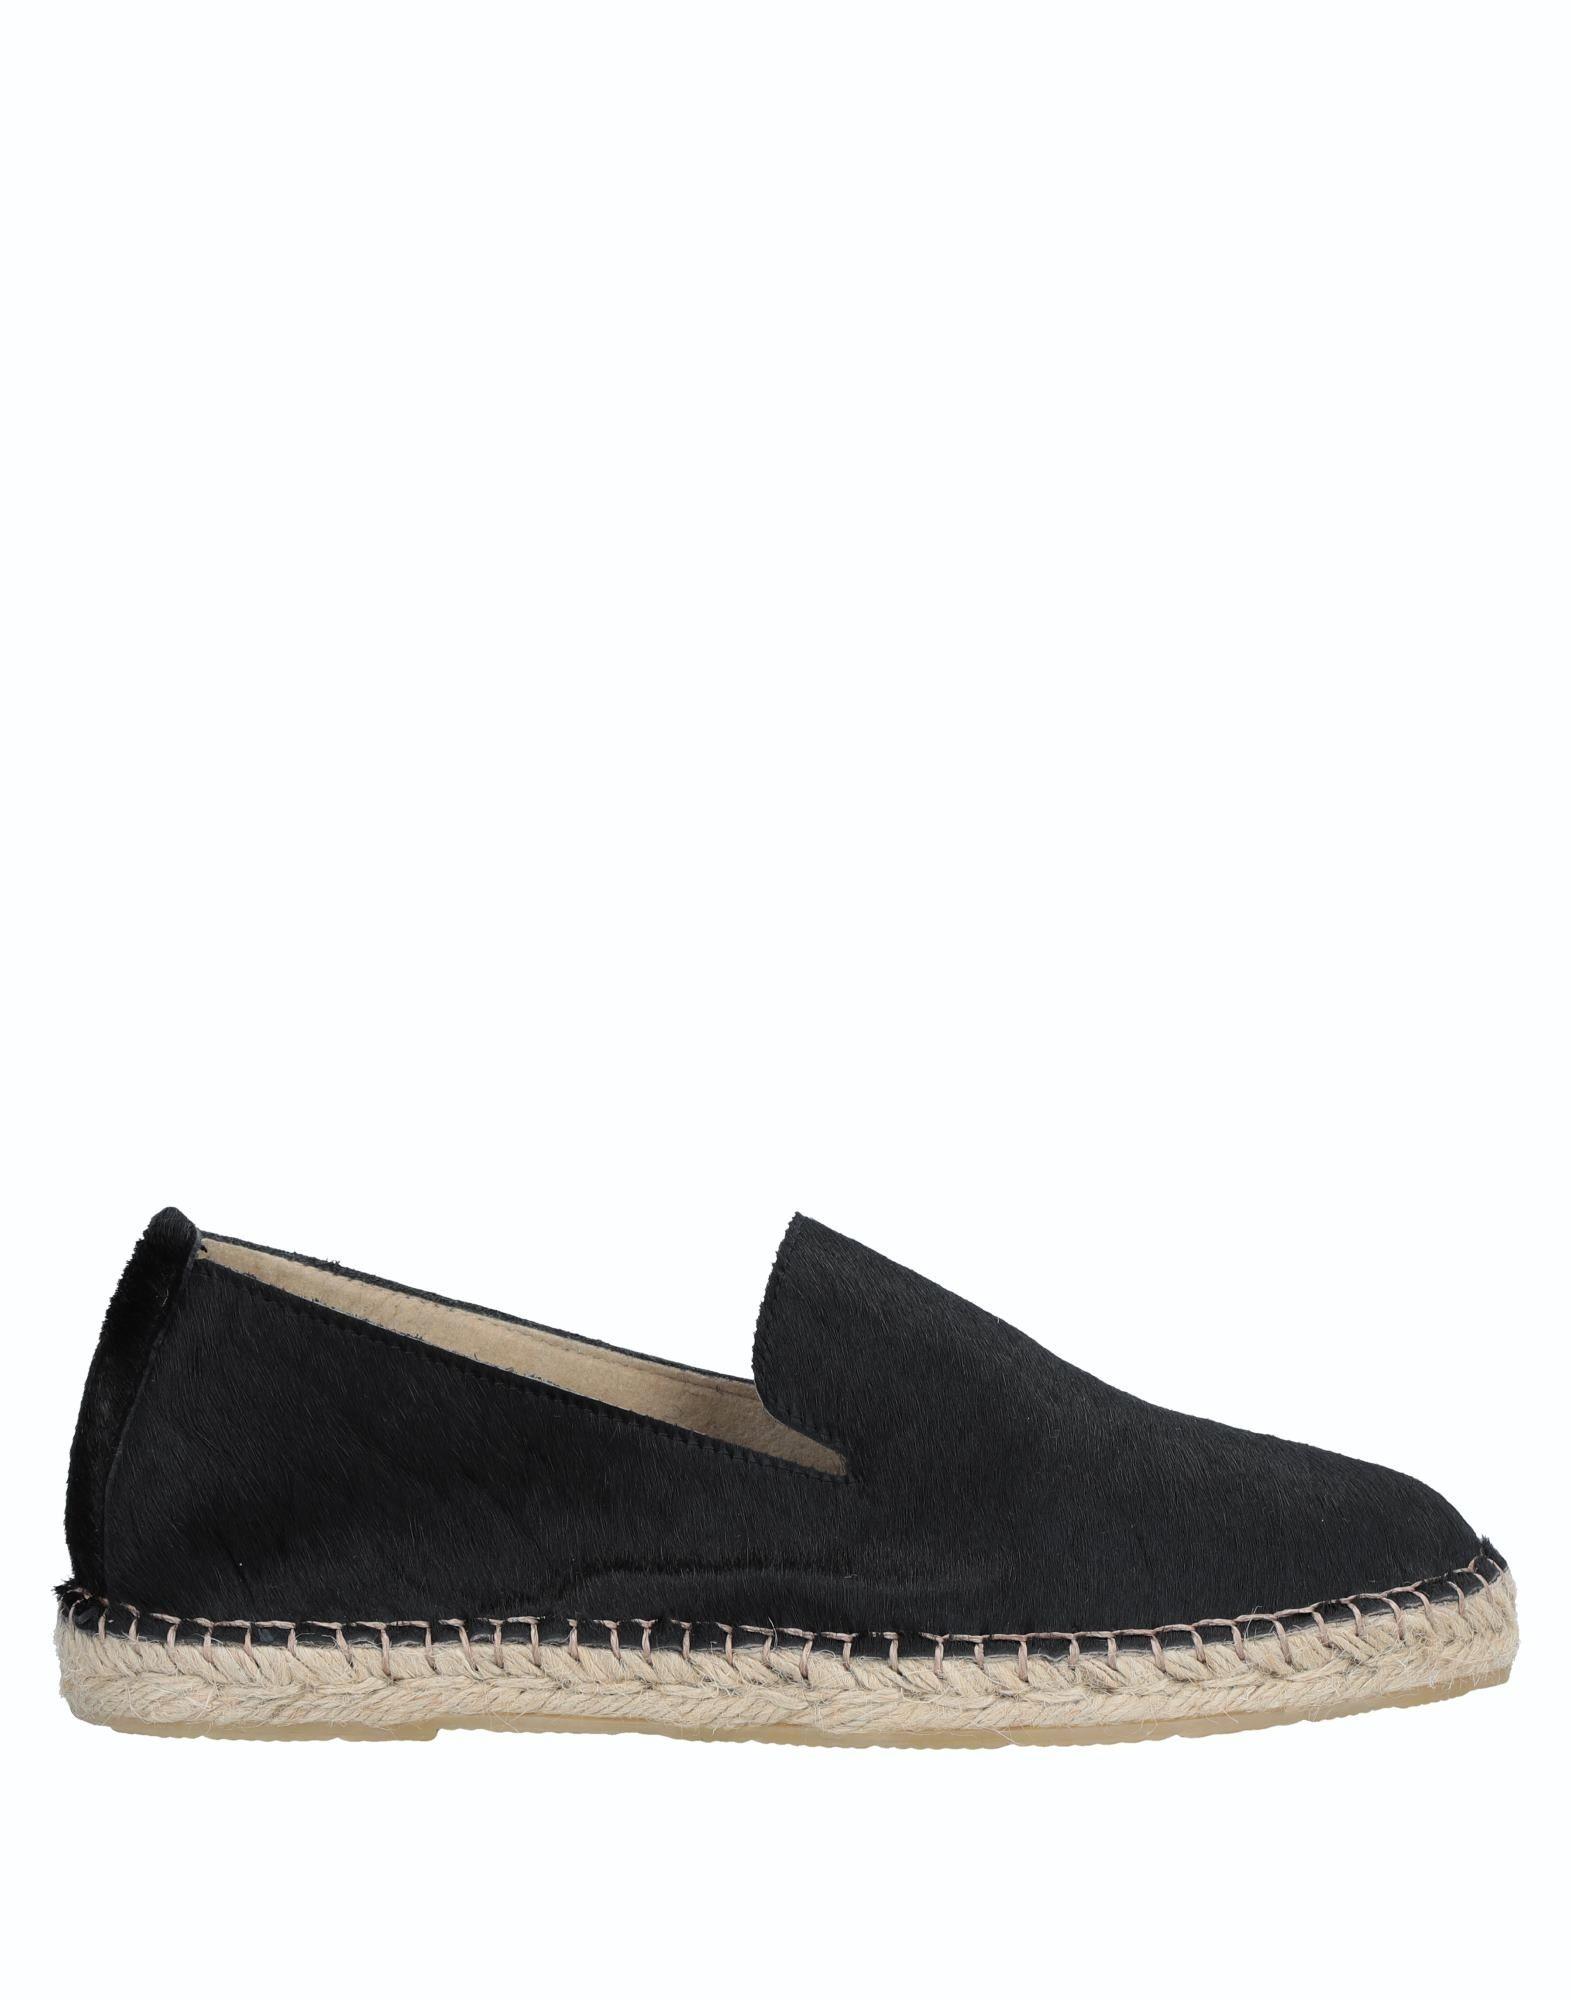 Mdk Espadrilles Damen  11537783QQ Gute Qualität beliebte Schuhe